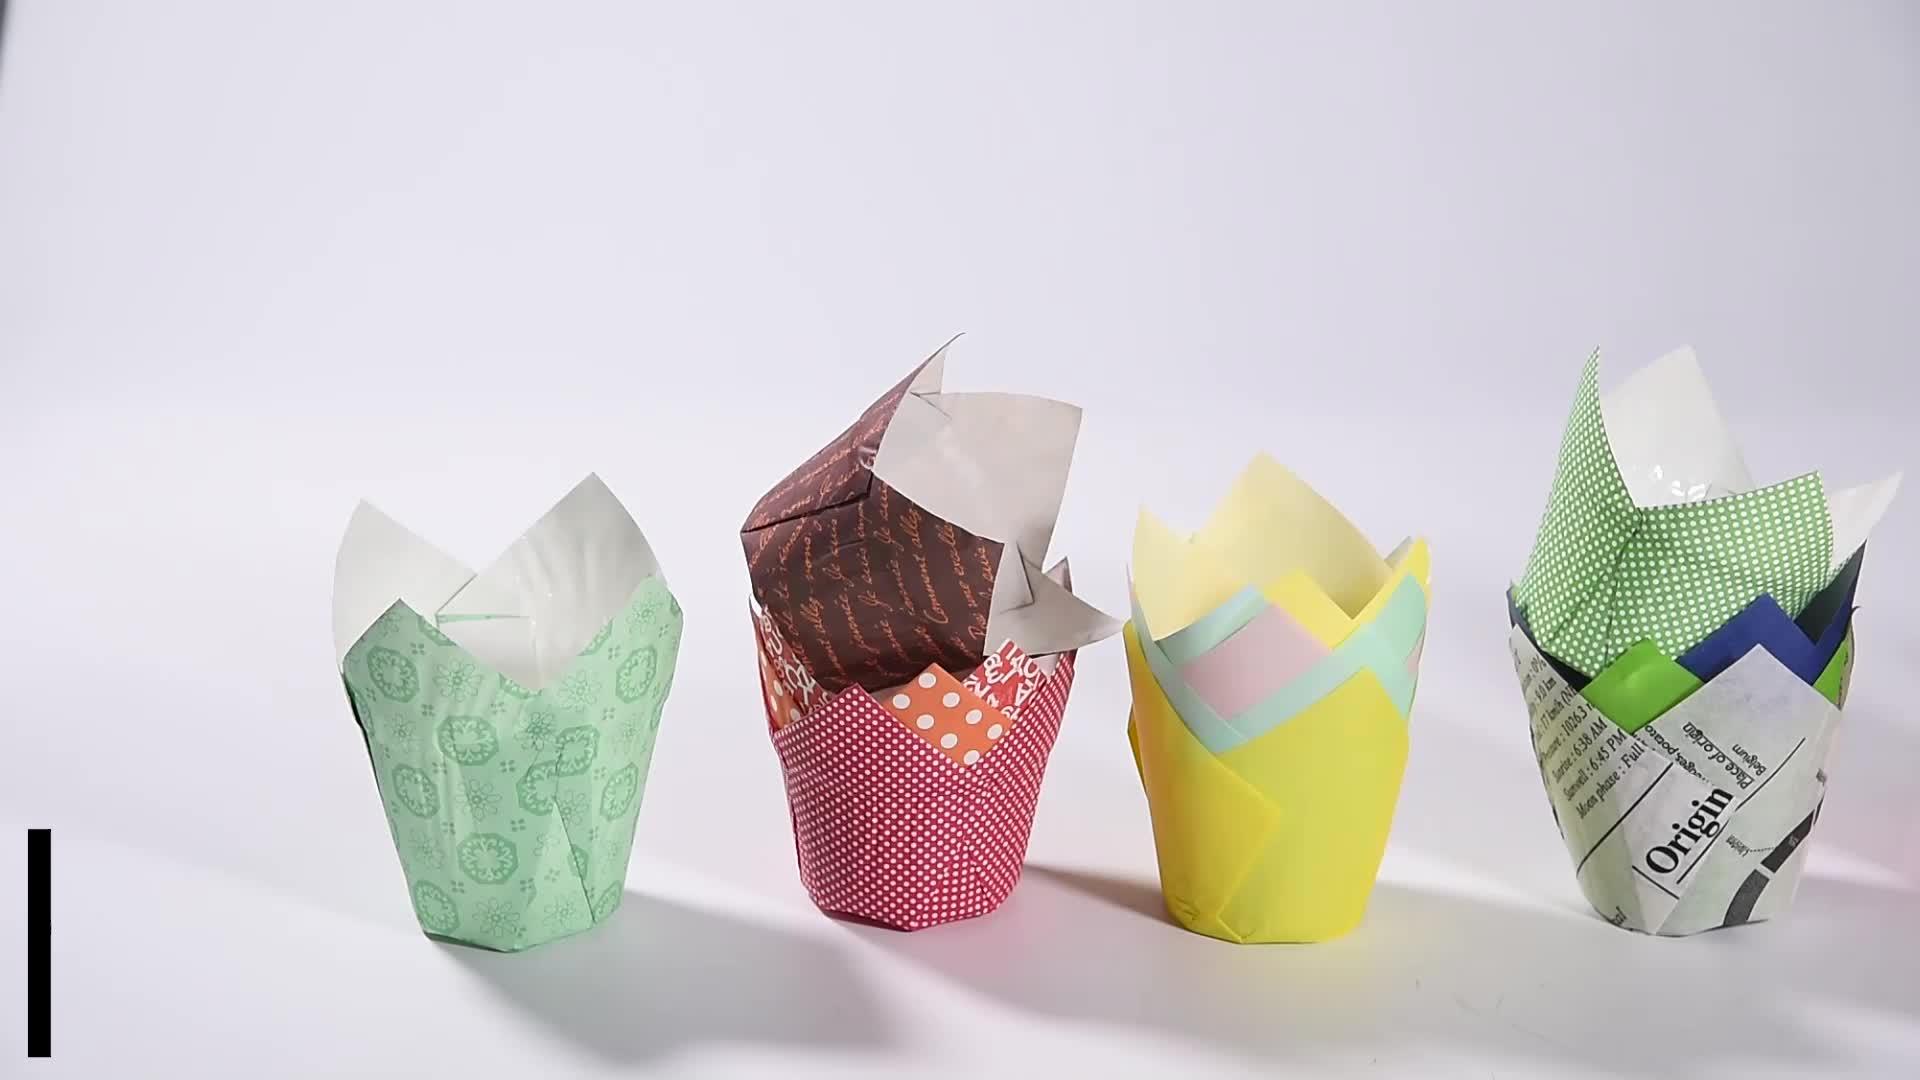 Принадлежности для выпечки 4 вида цветов, Смешанная маслостойкая бумага, тюльпан, кекс, лайнер для маффина, украшения тортов и обертки для выпечки